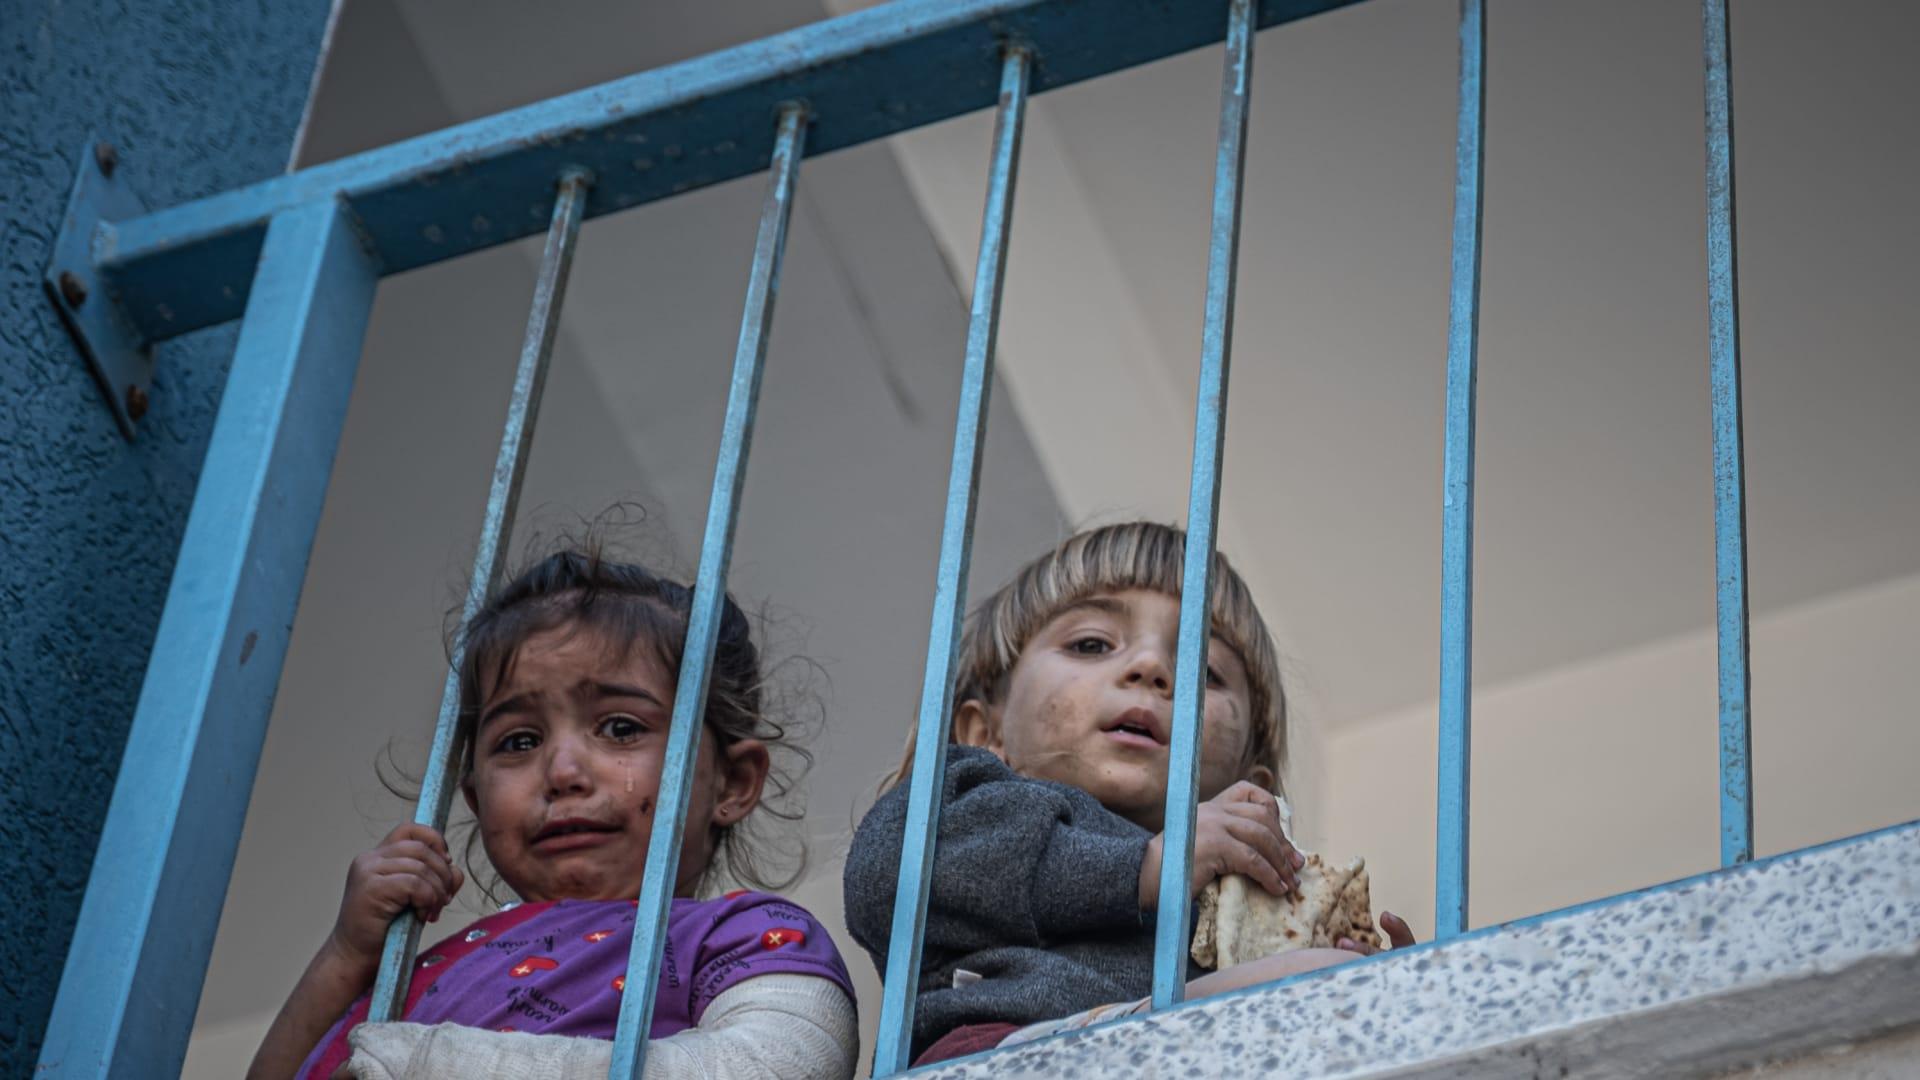 أطفال فلسطينيون في مدرسة تابعة للأونروا بقطاع غزة